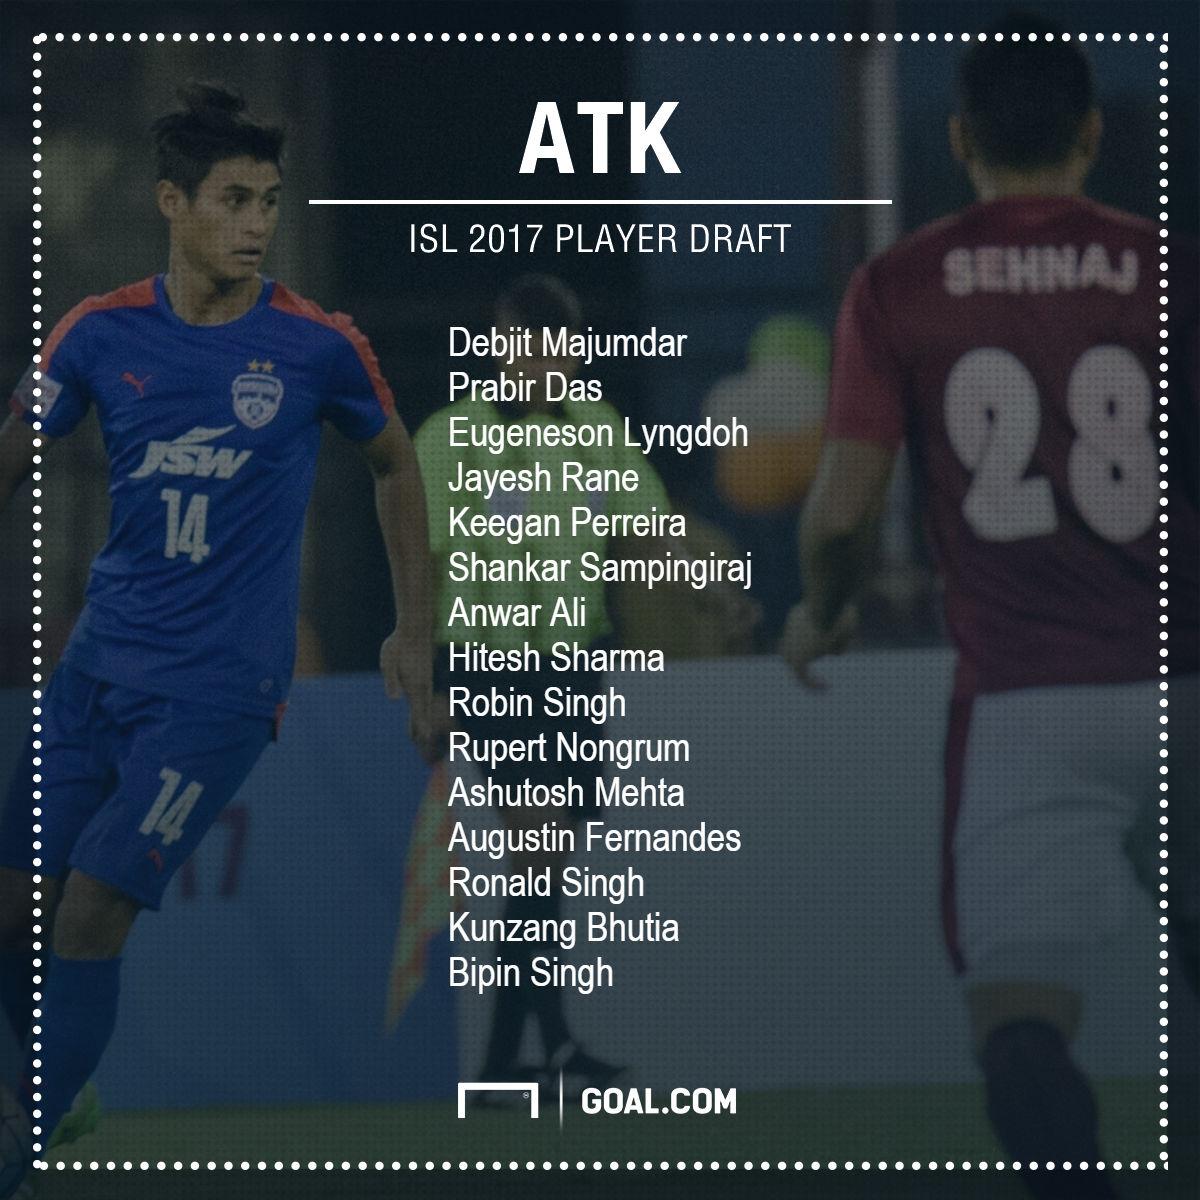 ATK ISL 2017 draft